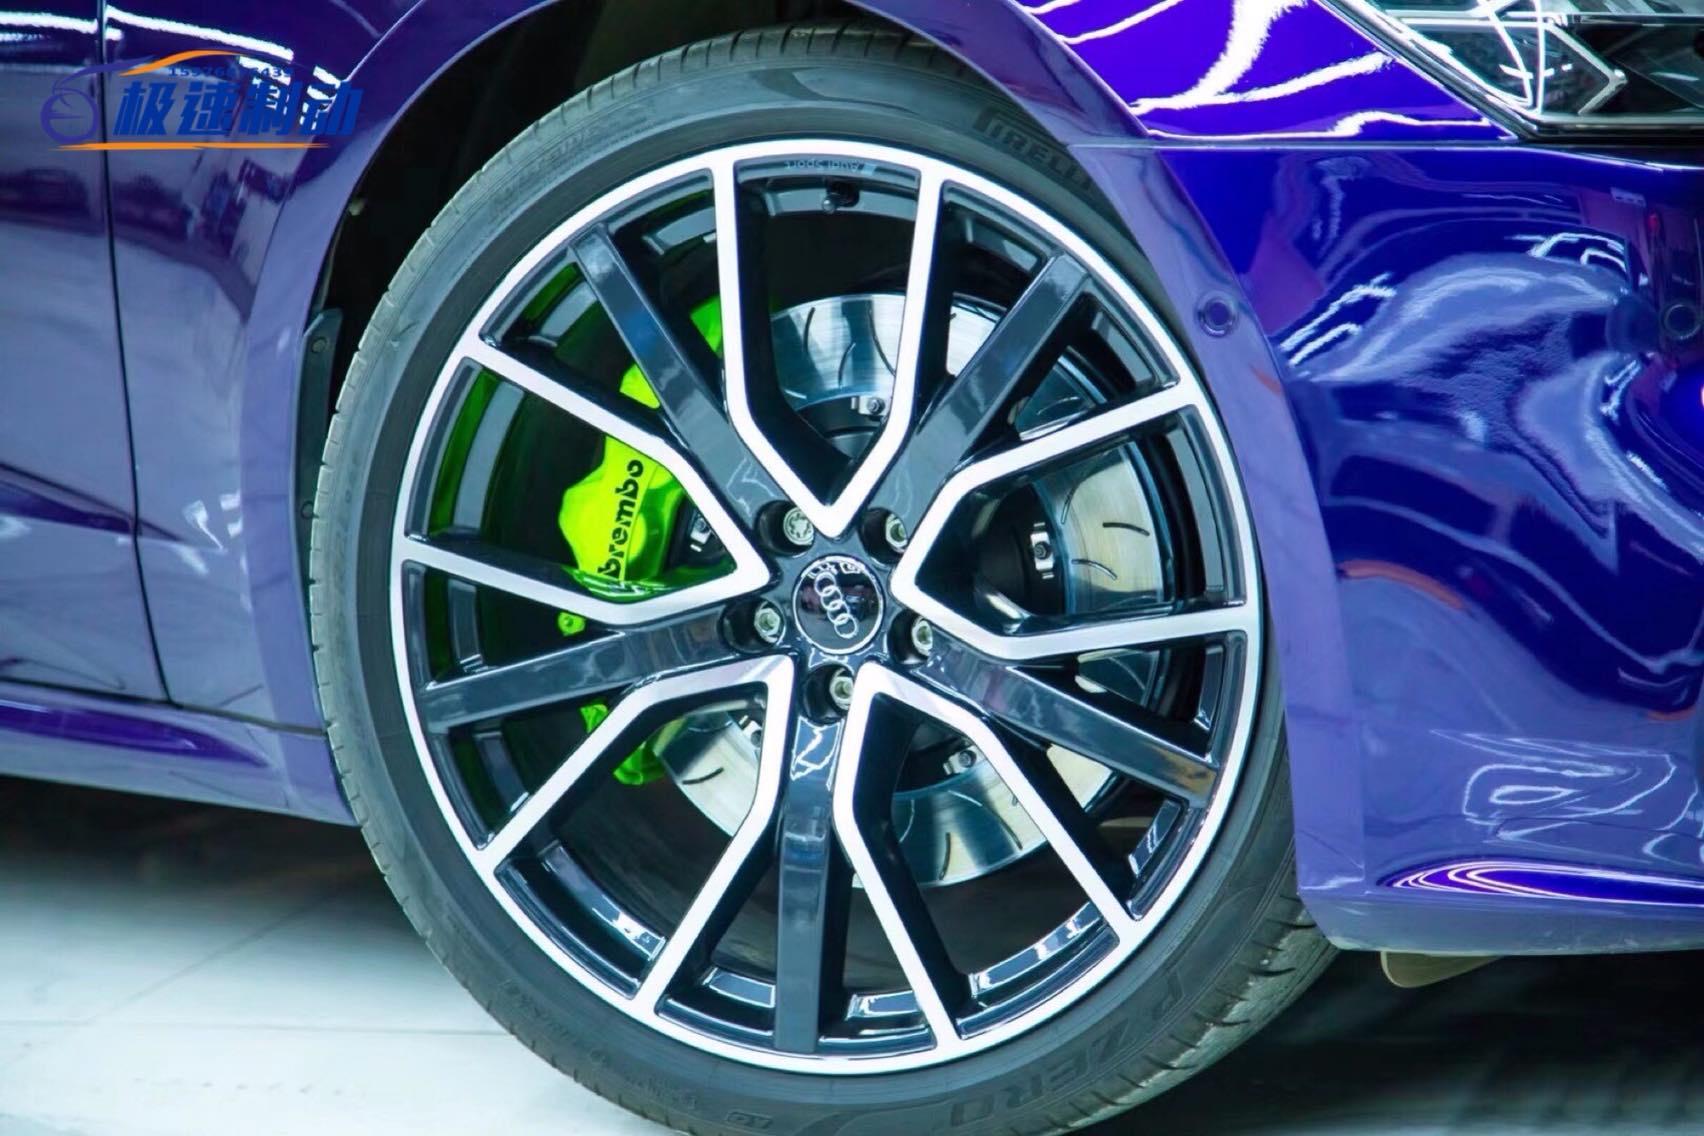 奥迪A7  刹车升级前轮BREMBO GT6订制荧光绿刹车套装!